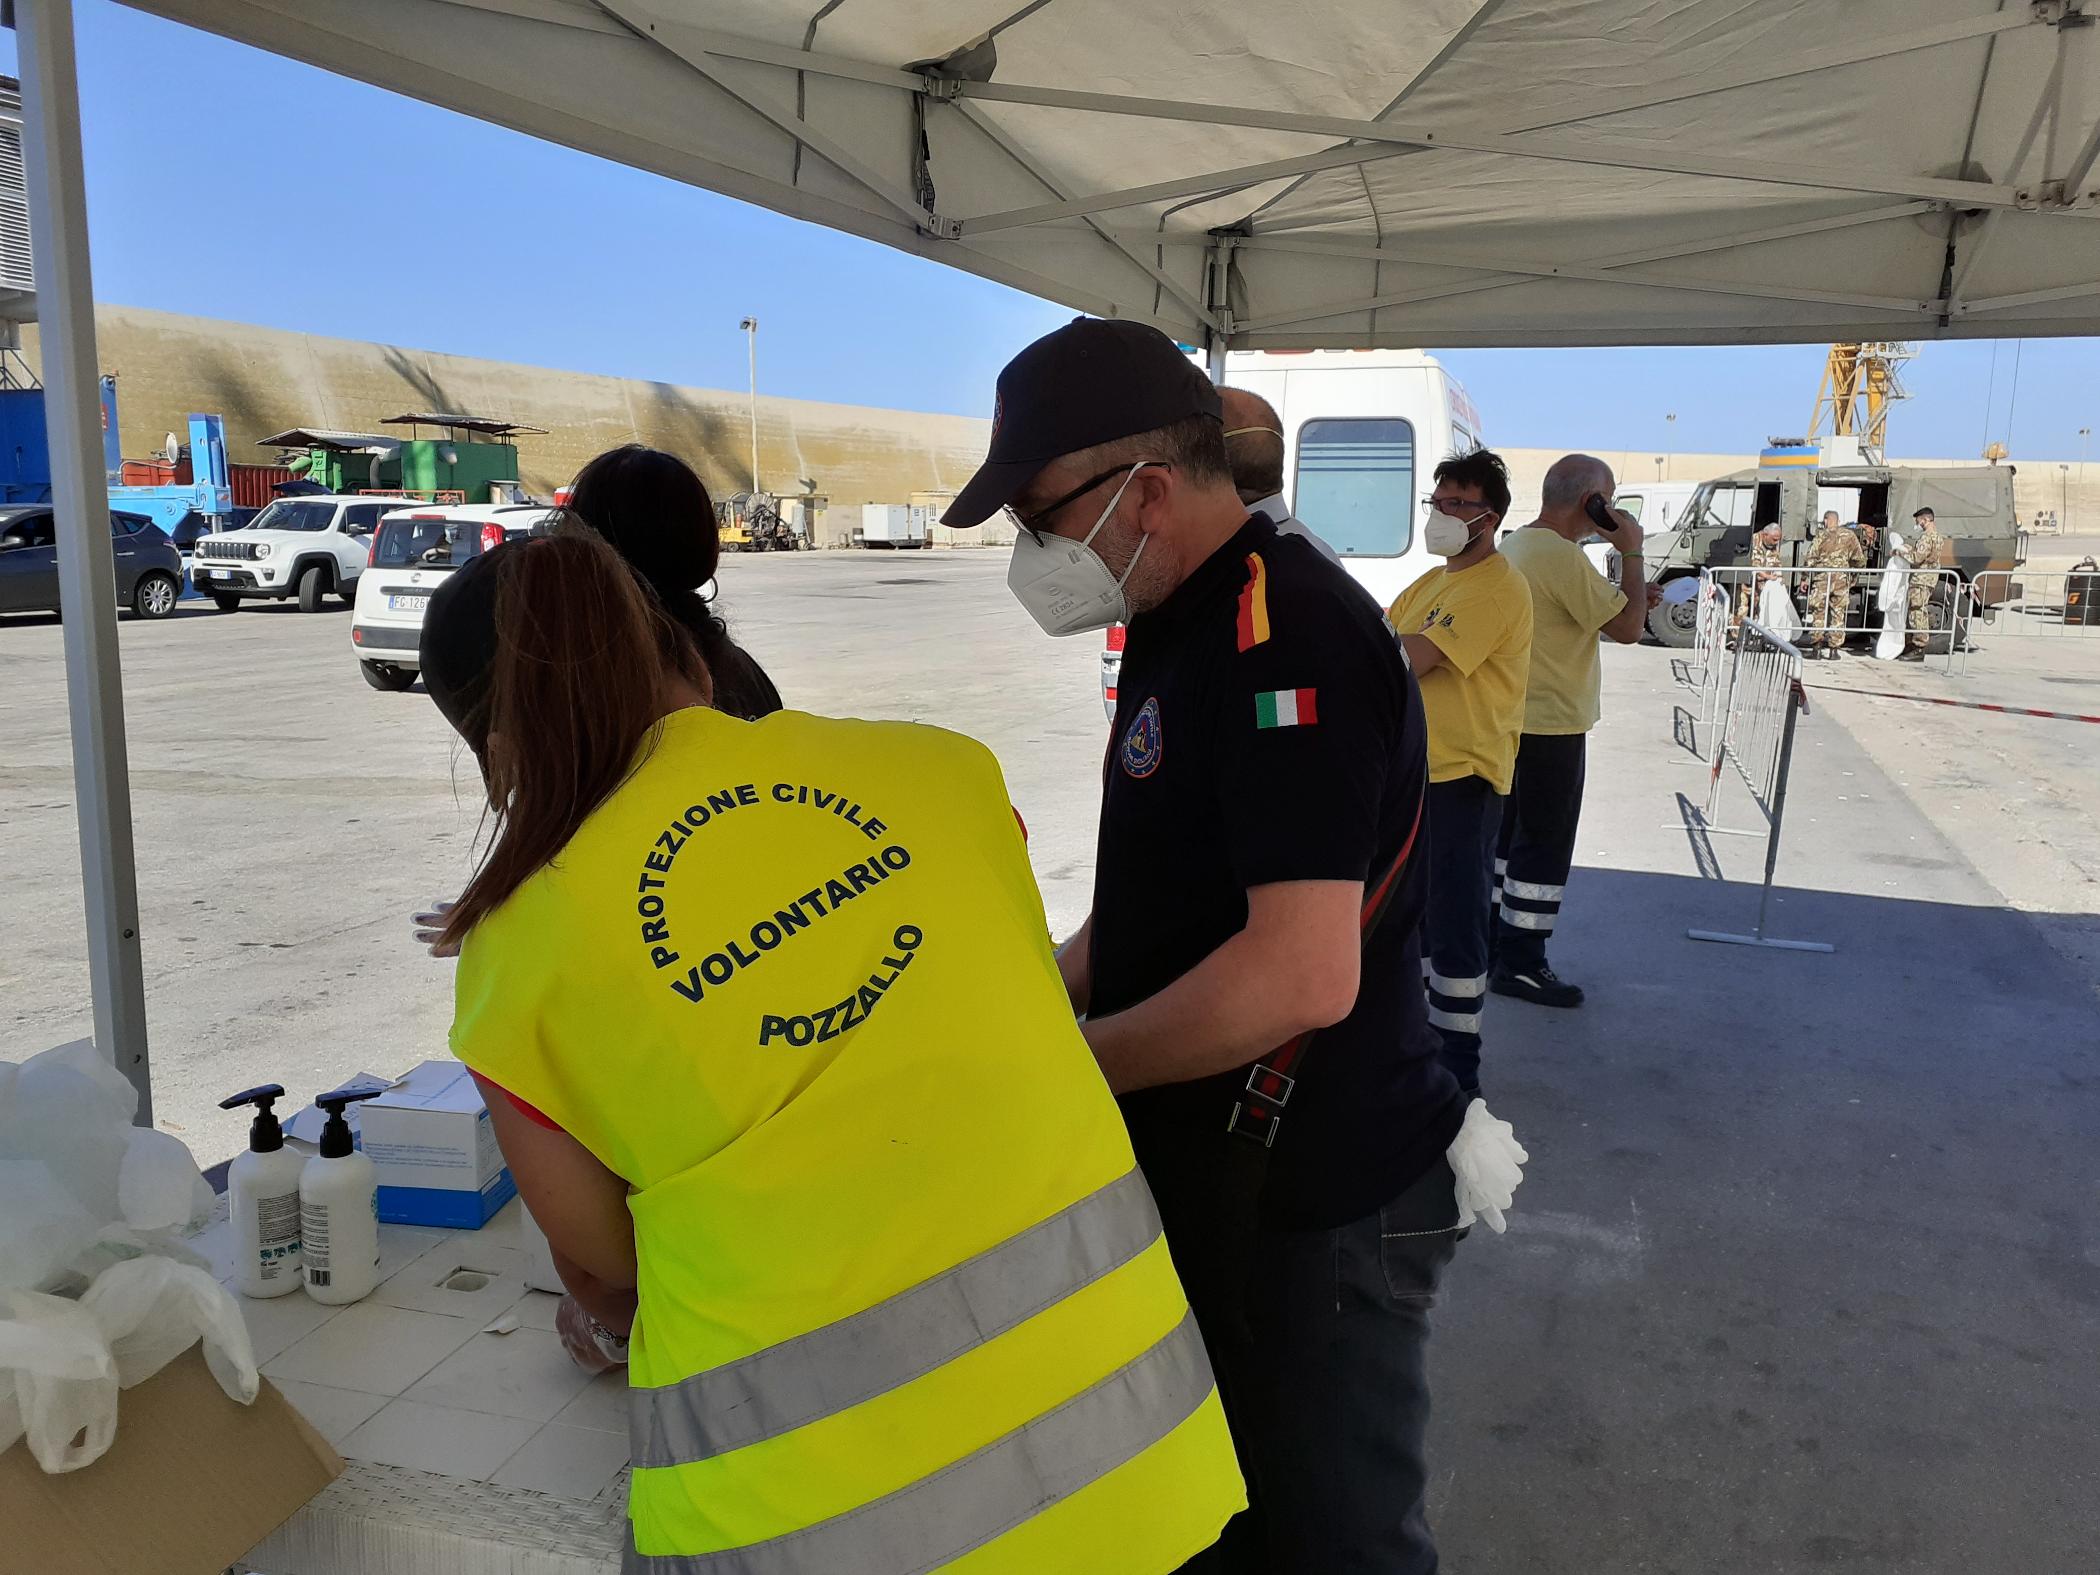 Pozzallo (Rg), esercitazione antincendio e assistenza per lo sbarco migranti nell'area portuale